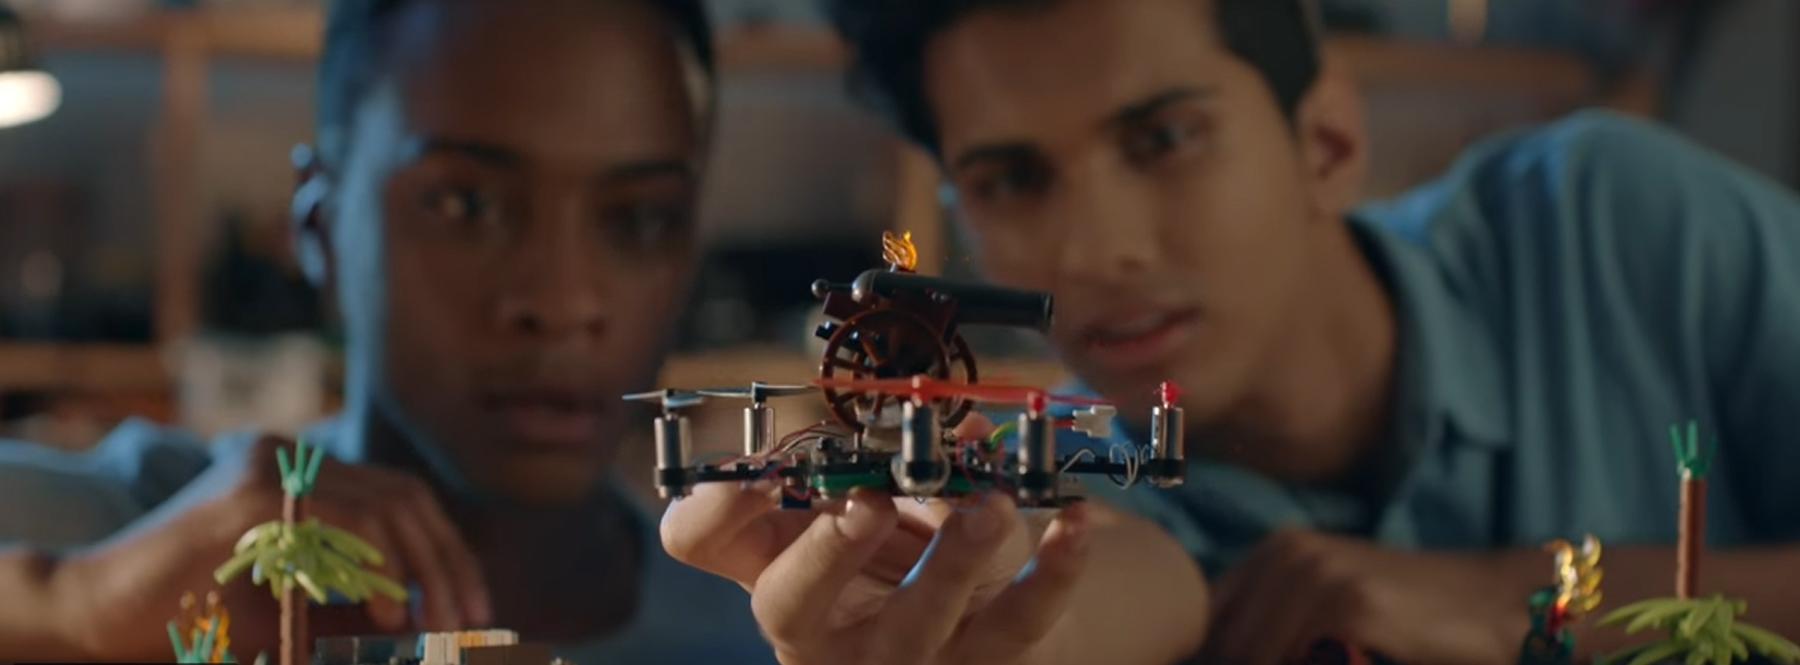 Construye tu propio dron con Flybrix